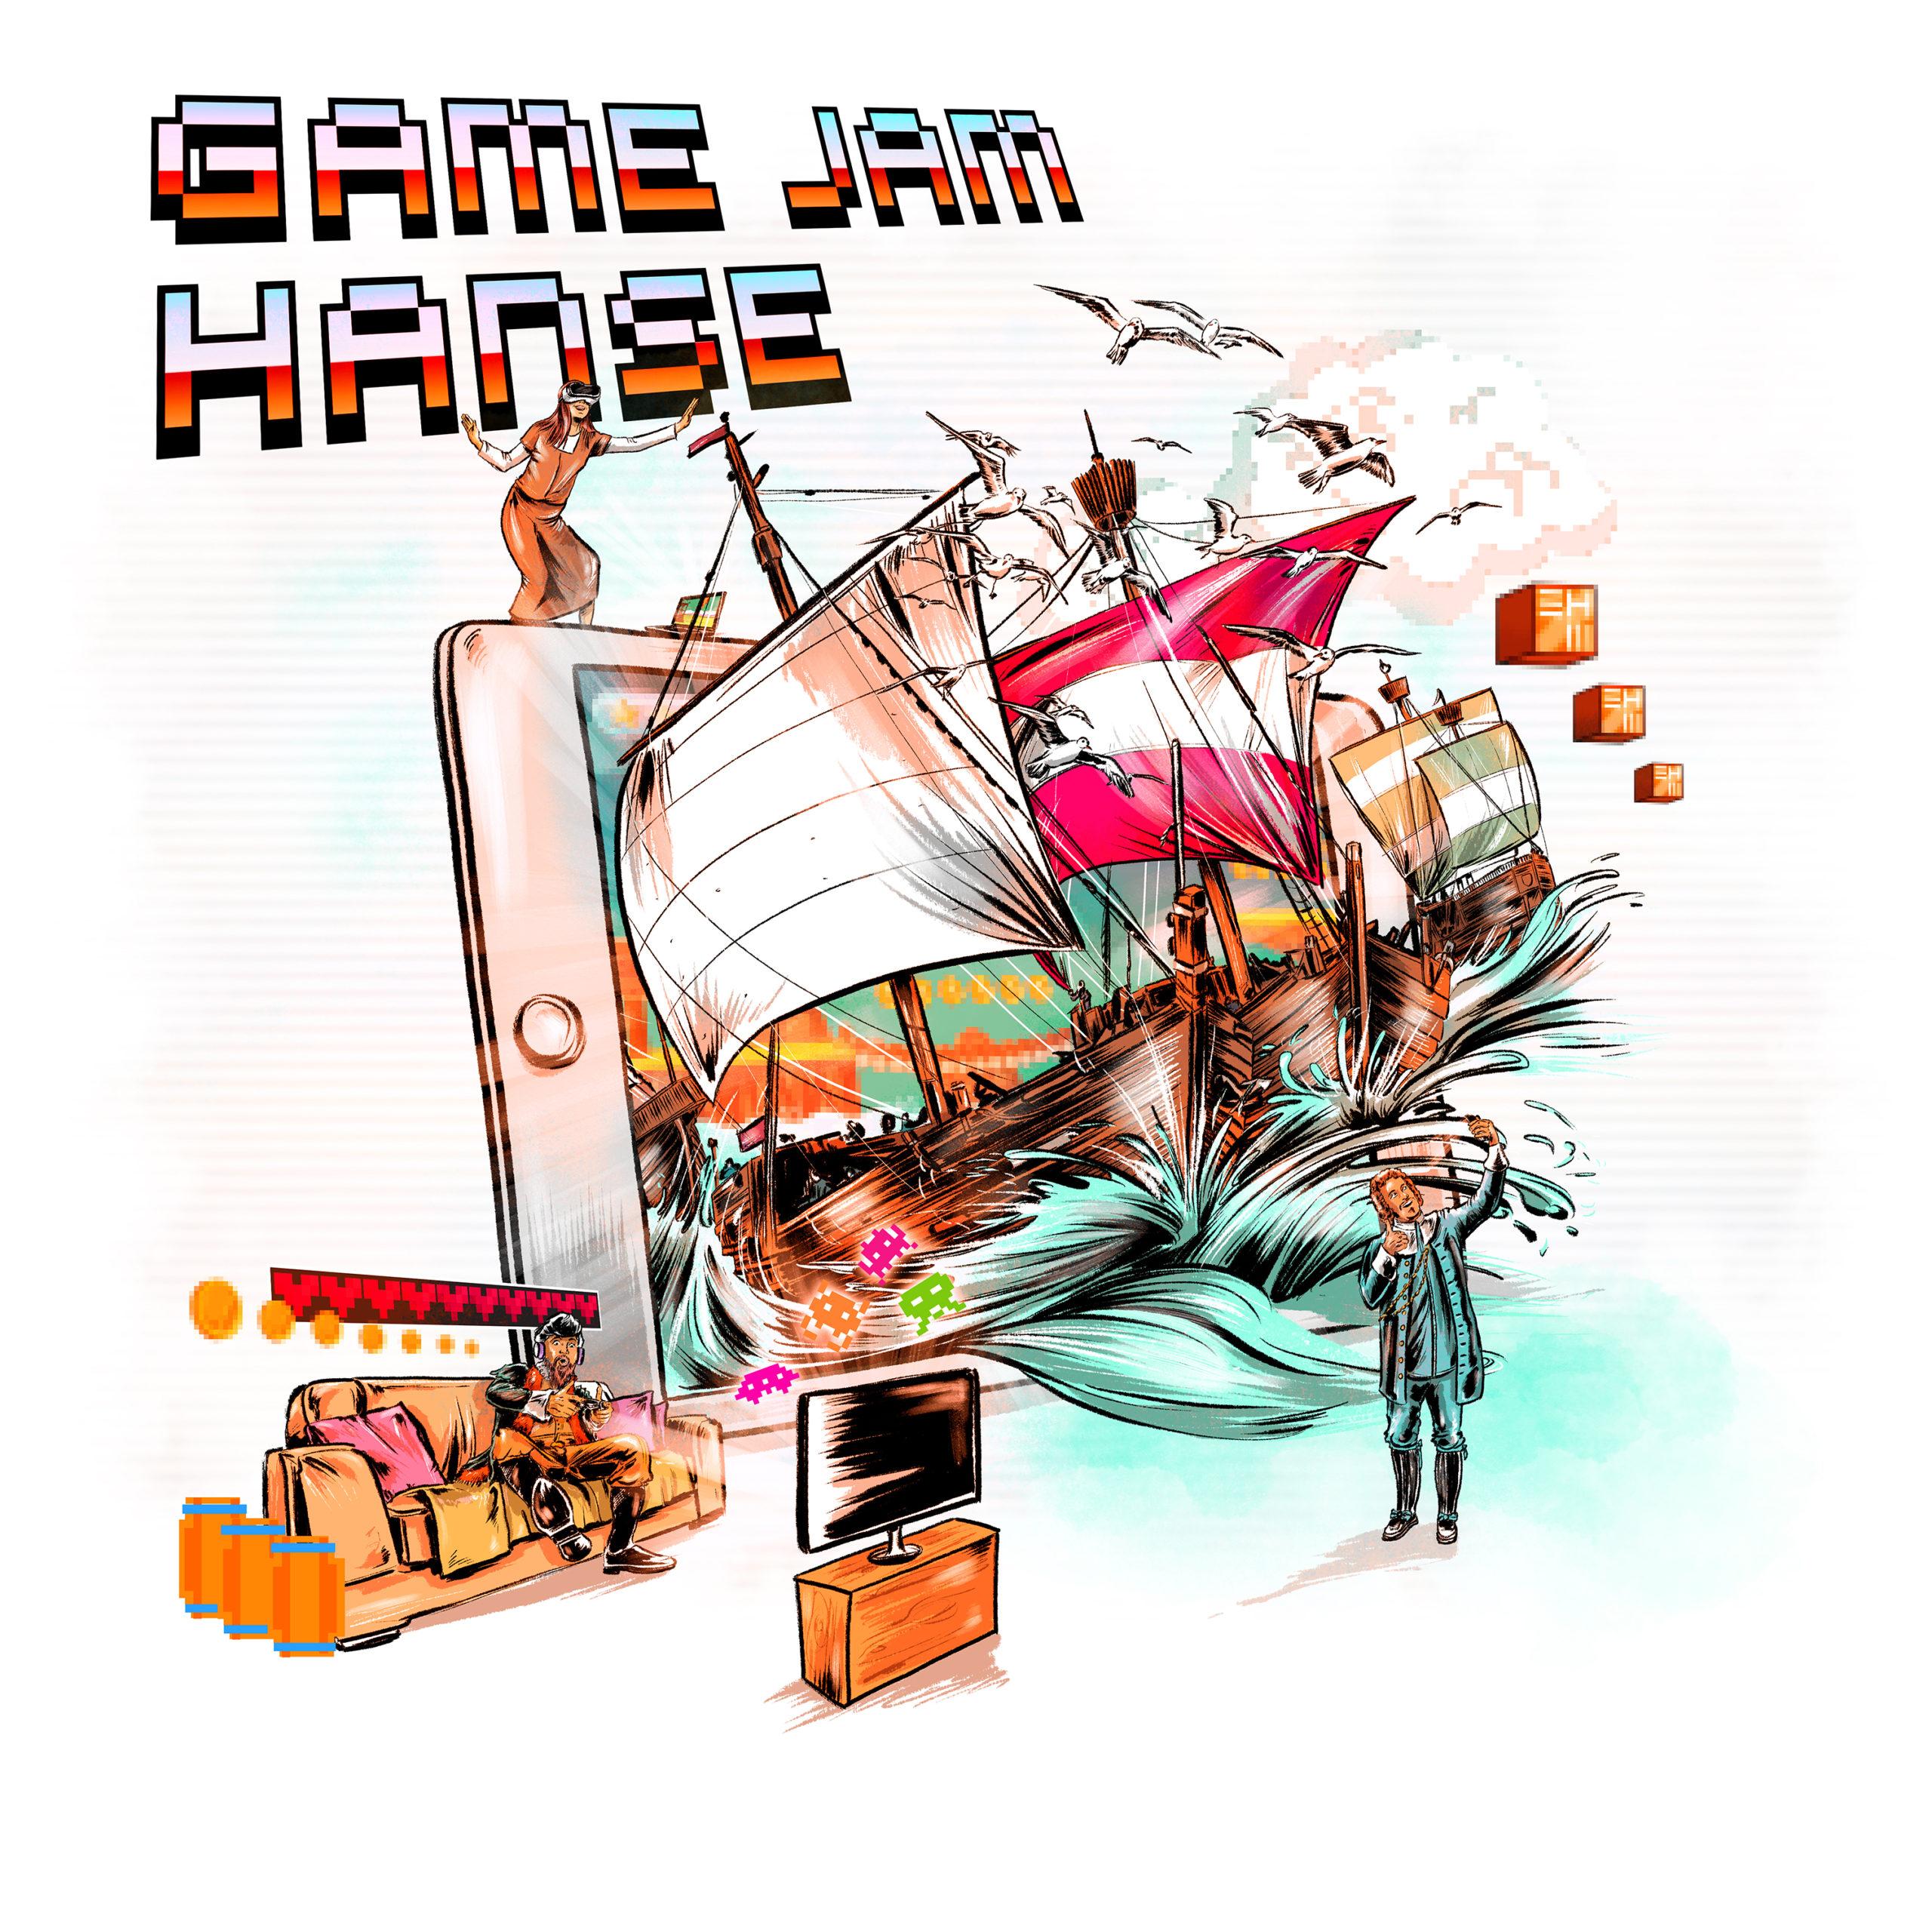 """Das Europäische Hansemuseum ruft vom 25. bis 28. März zum """"Game Jam Hanse"""" auf. Es werden innerhalb kurzer Zeit digitale Spiele entwickelt."""